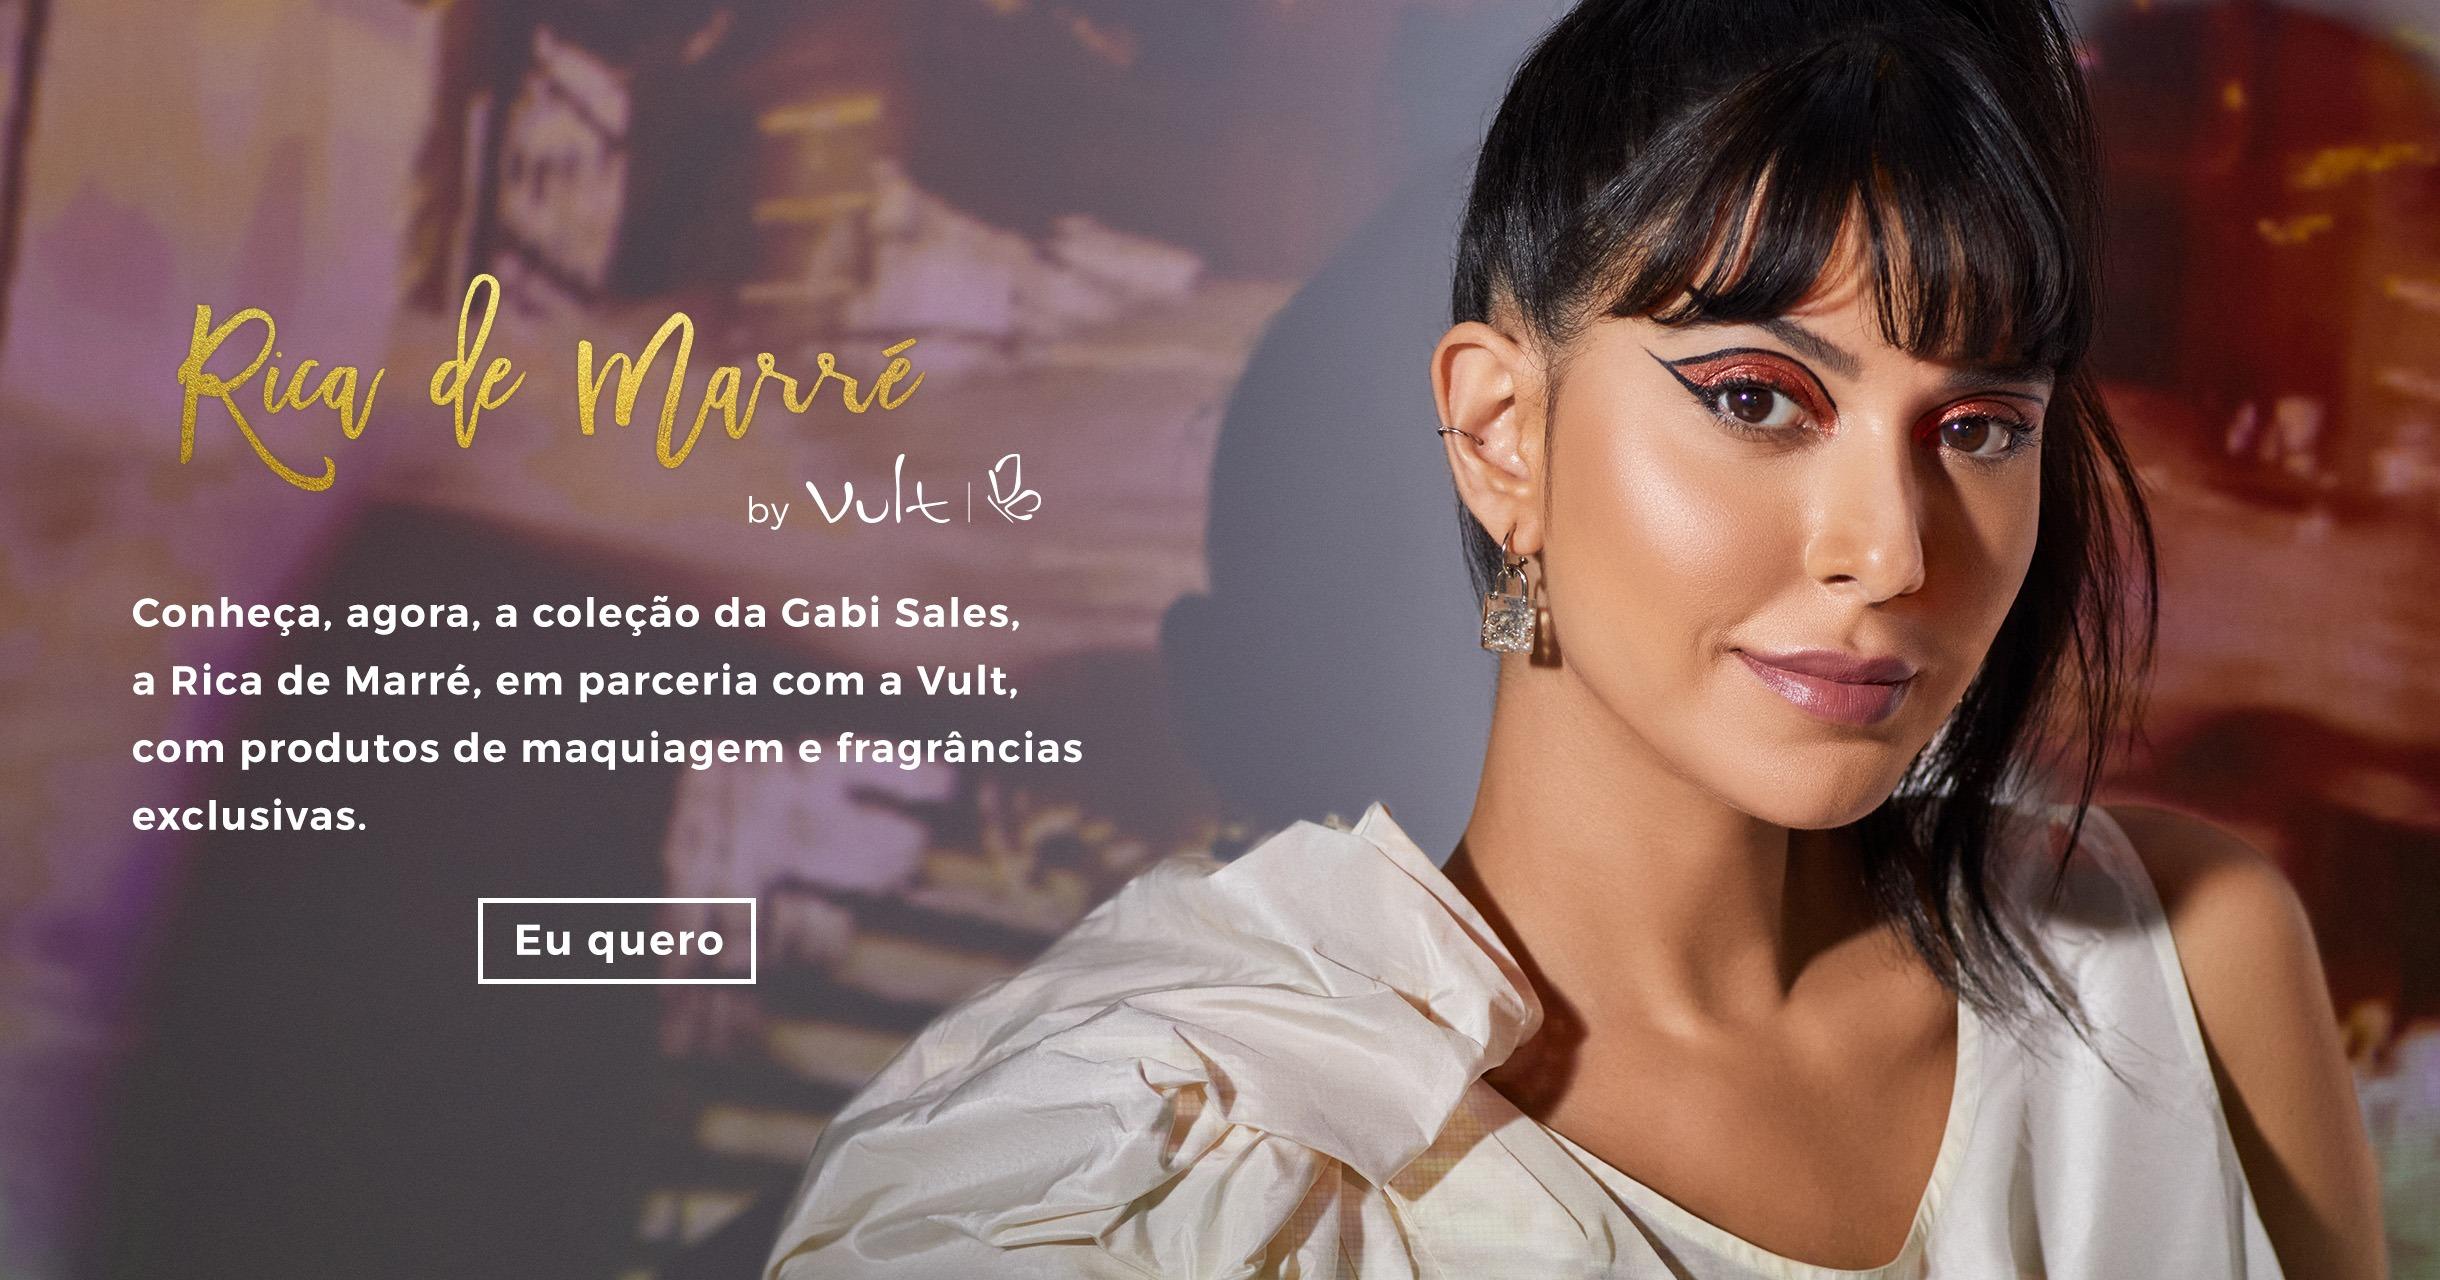 (c) Vult.com.br